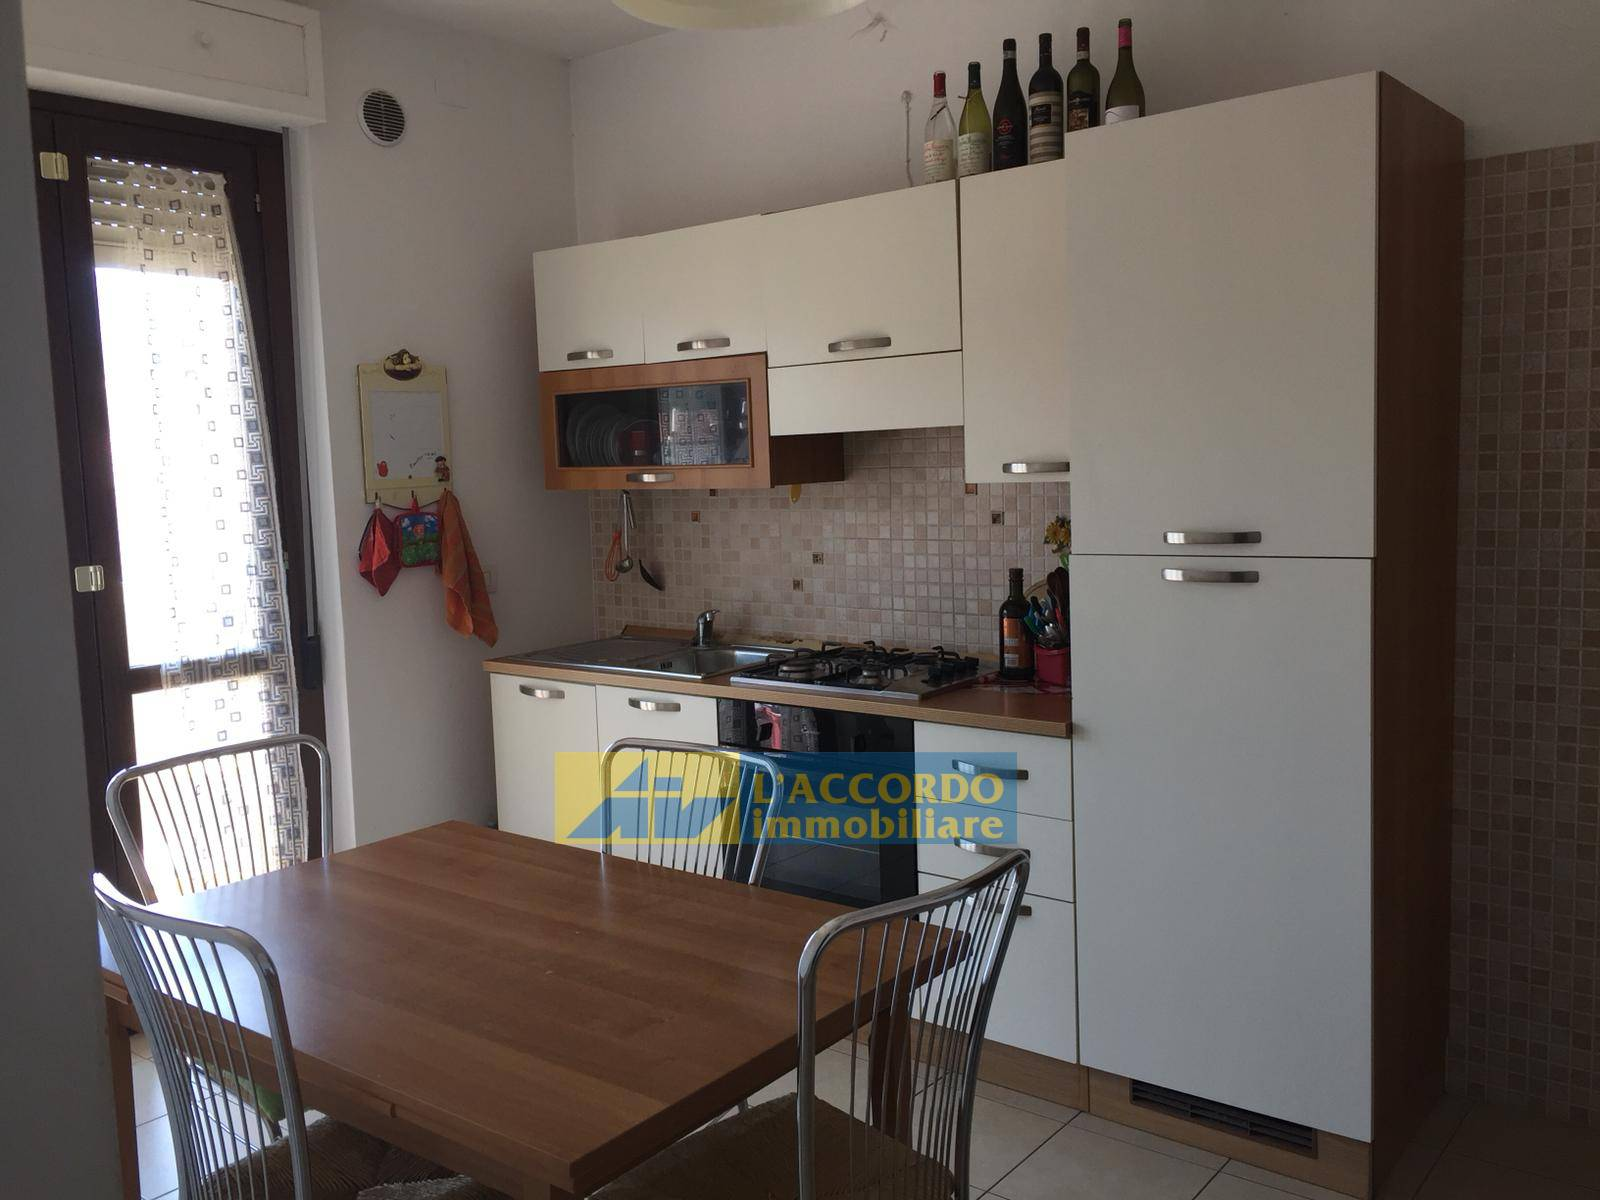 Appartamento in affitto a Chieti, 6 locali, zona Località: MadonnadellePiane, prezzo € 240   CambioCasa.it